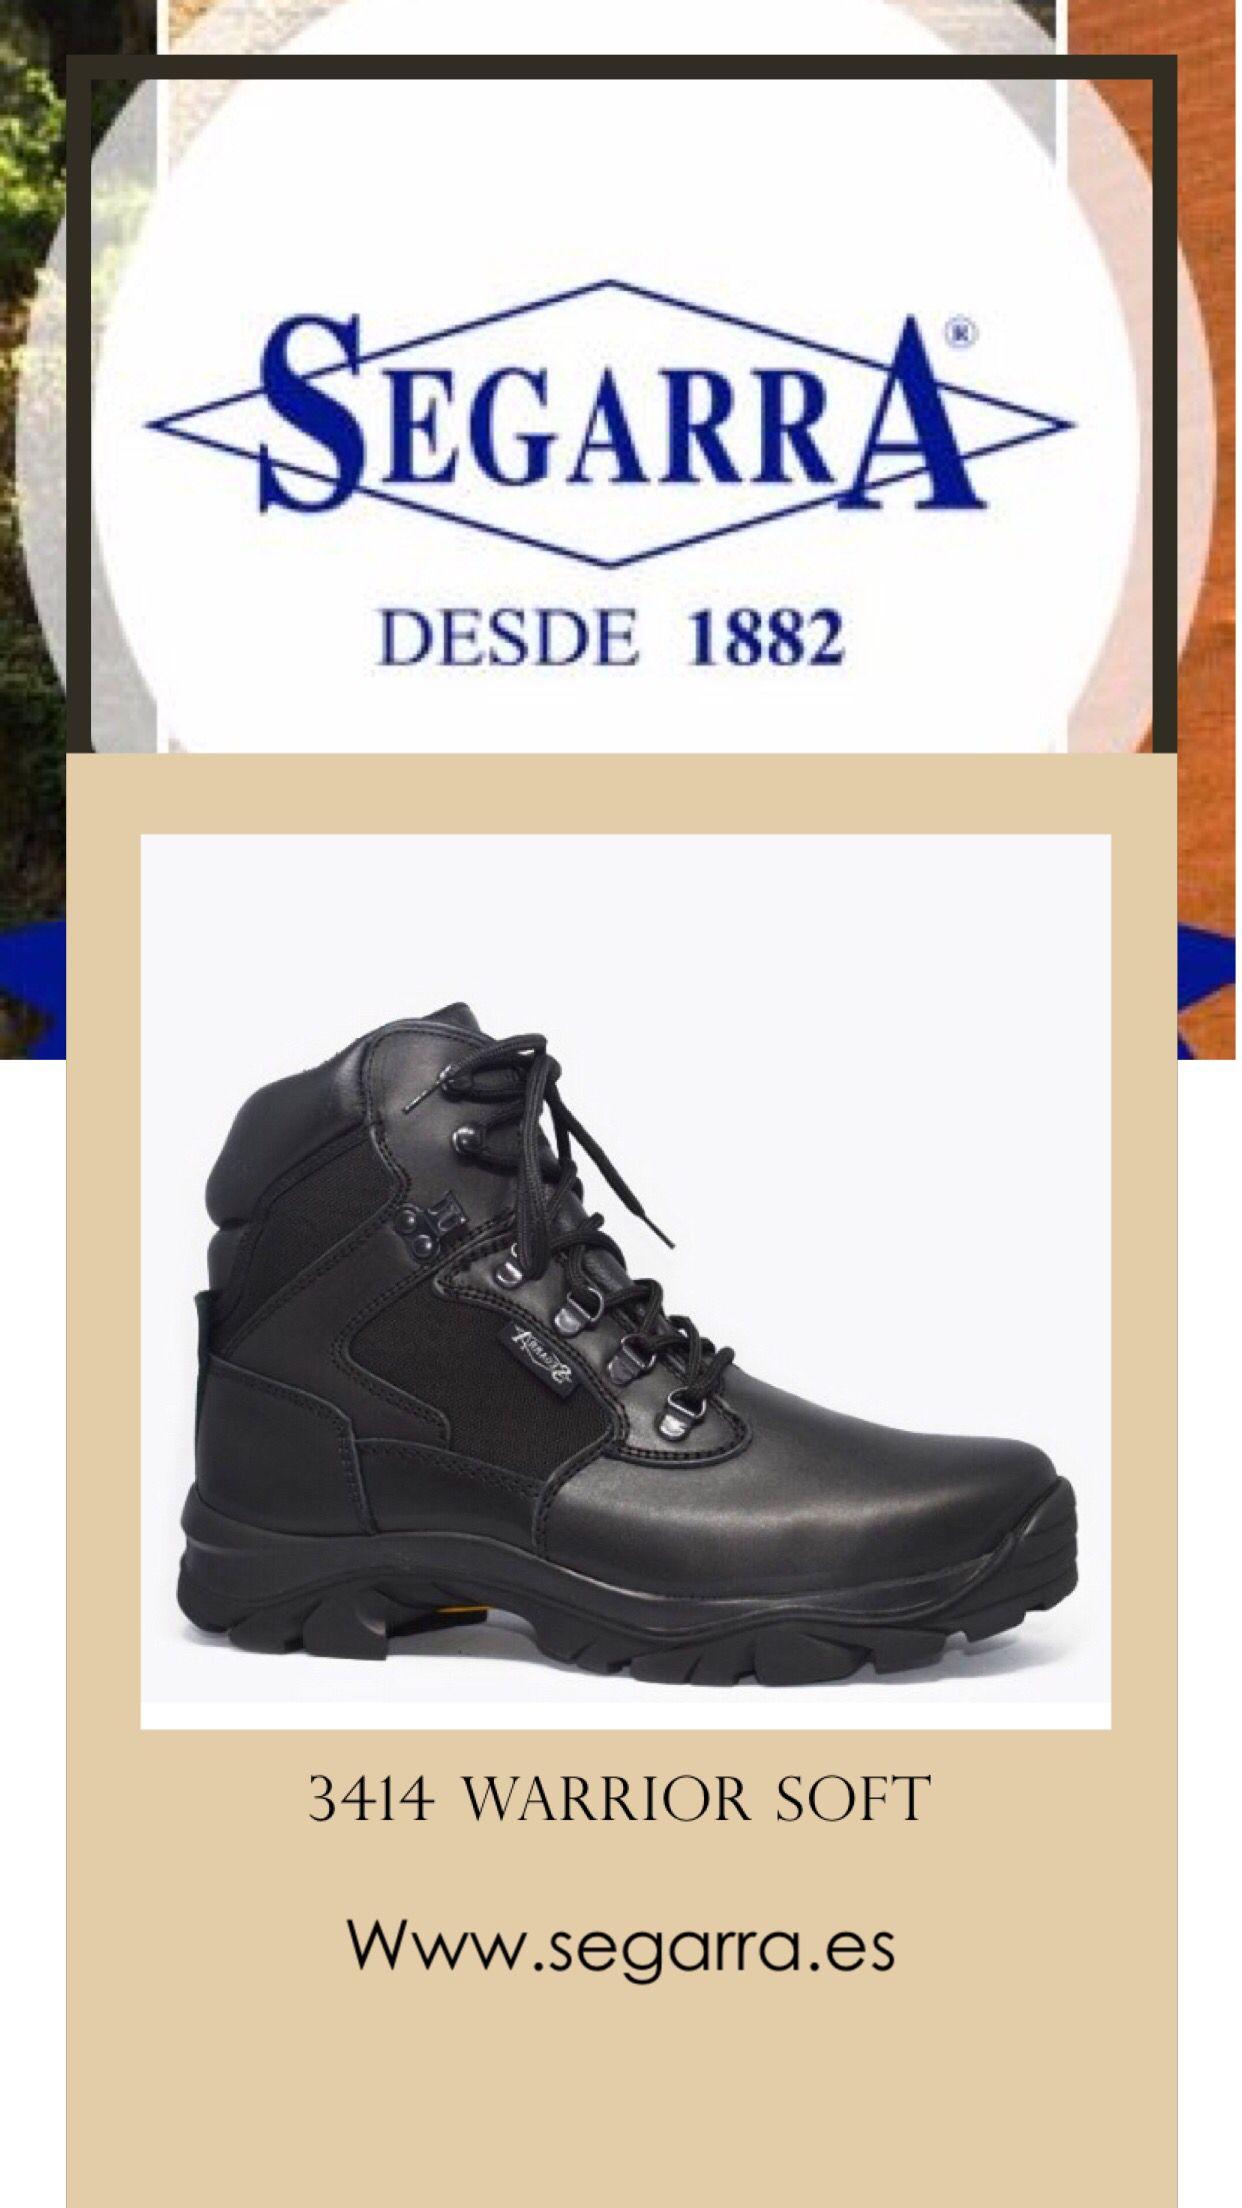 03903928 La marca que fabrica las mejores botas tácticas del mercado. Calzados  Segarra #militar #cadete #defensa #seguridad #botatacticamilit…